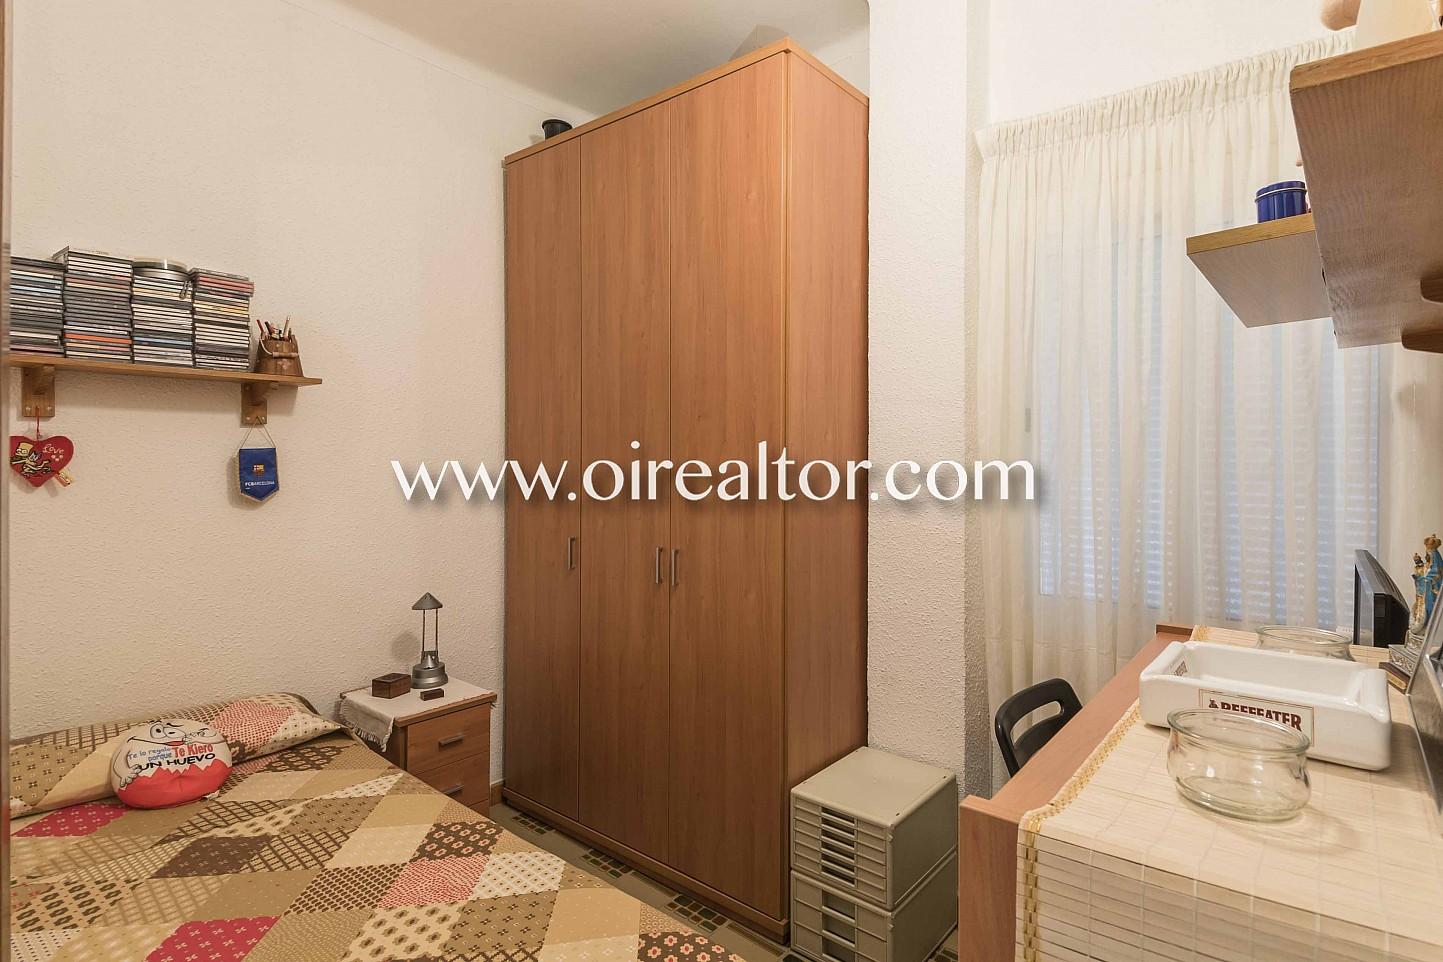 habitación simple, dormitorio simple, escritorio,  cama simple, cama